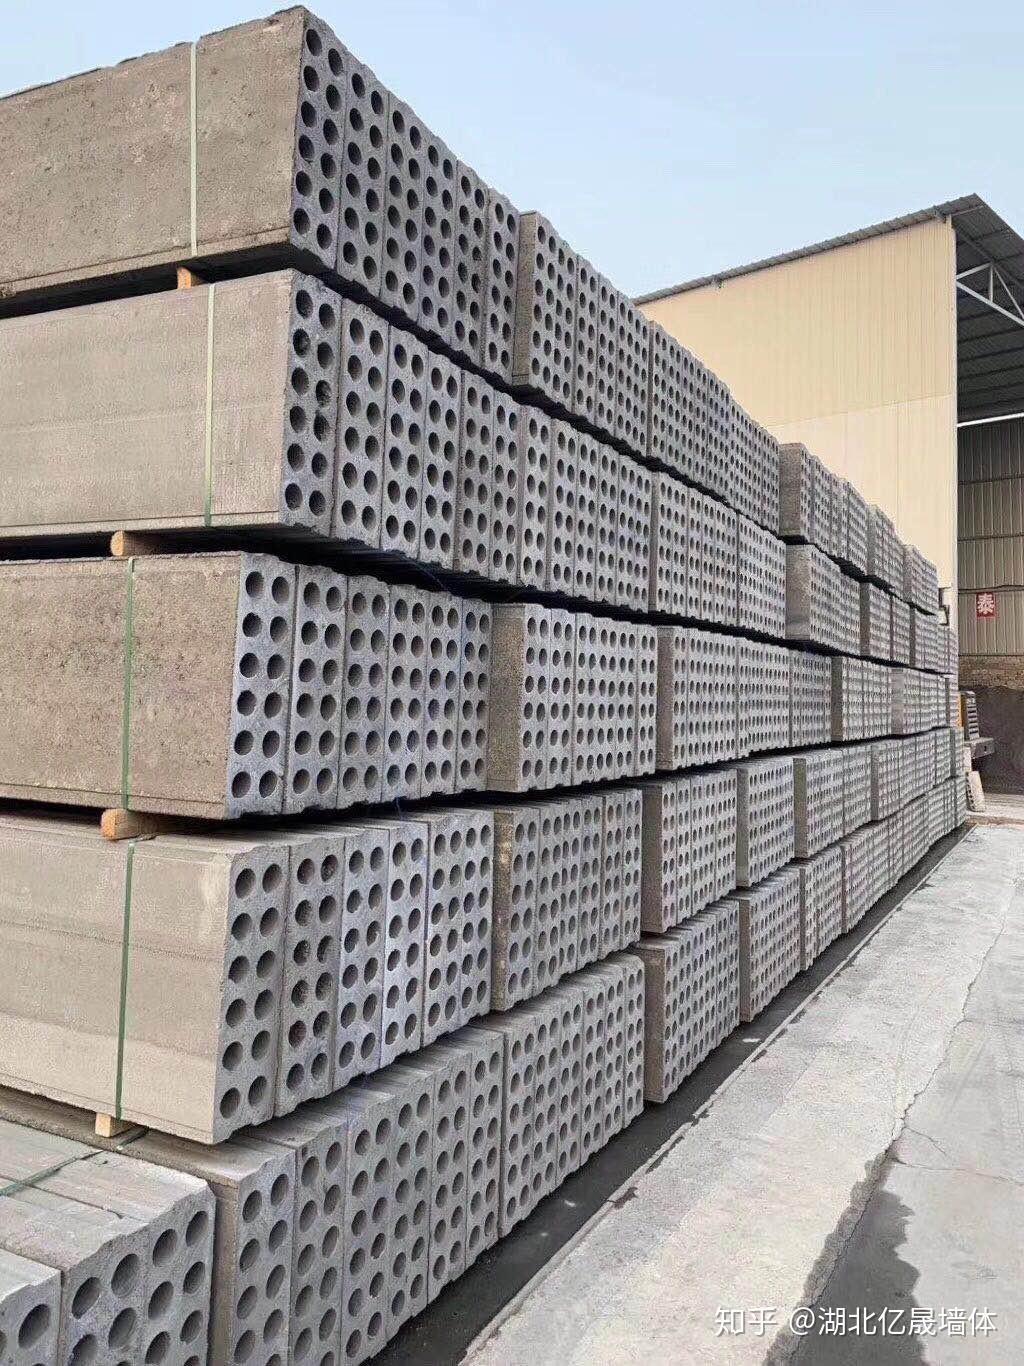 复合材料板材_轻质隔墙板分类 - 知乎